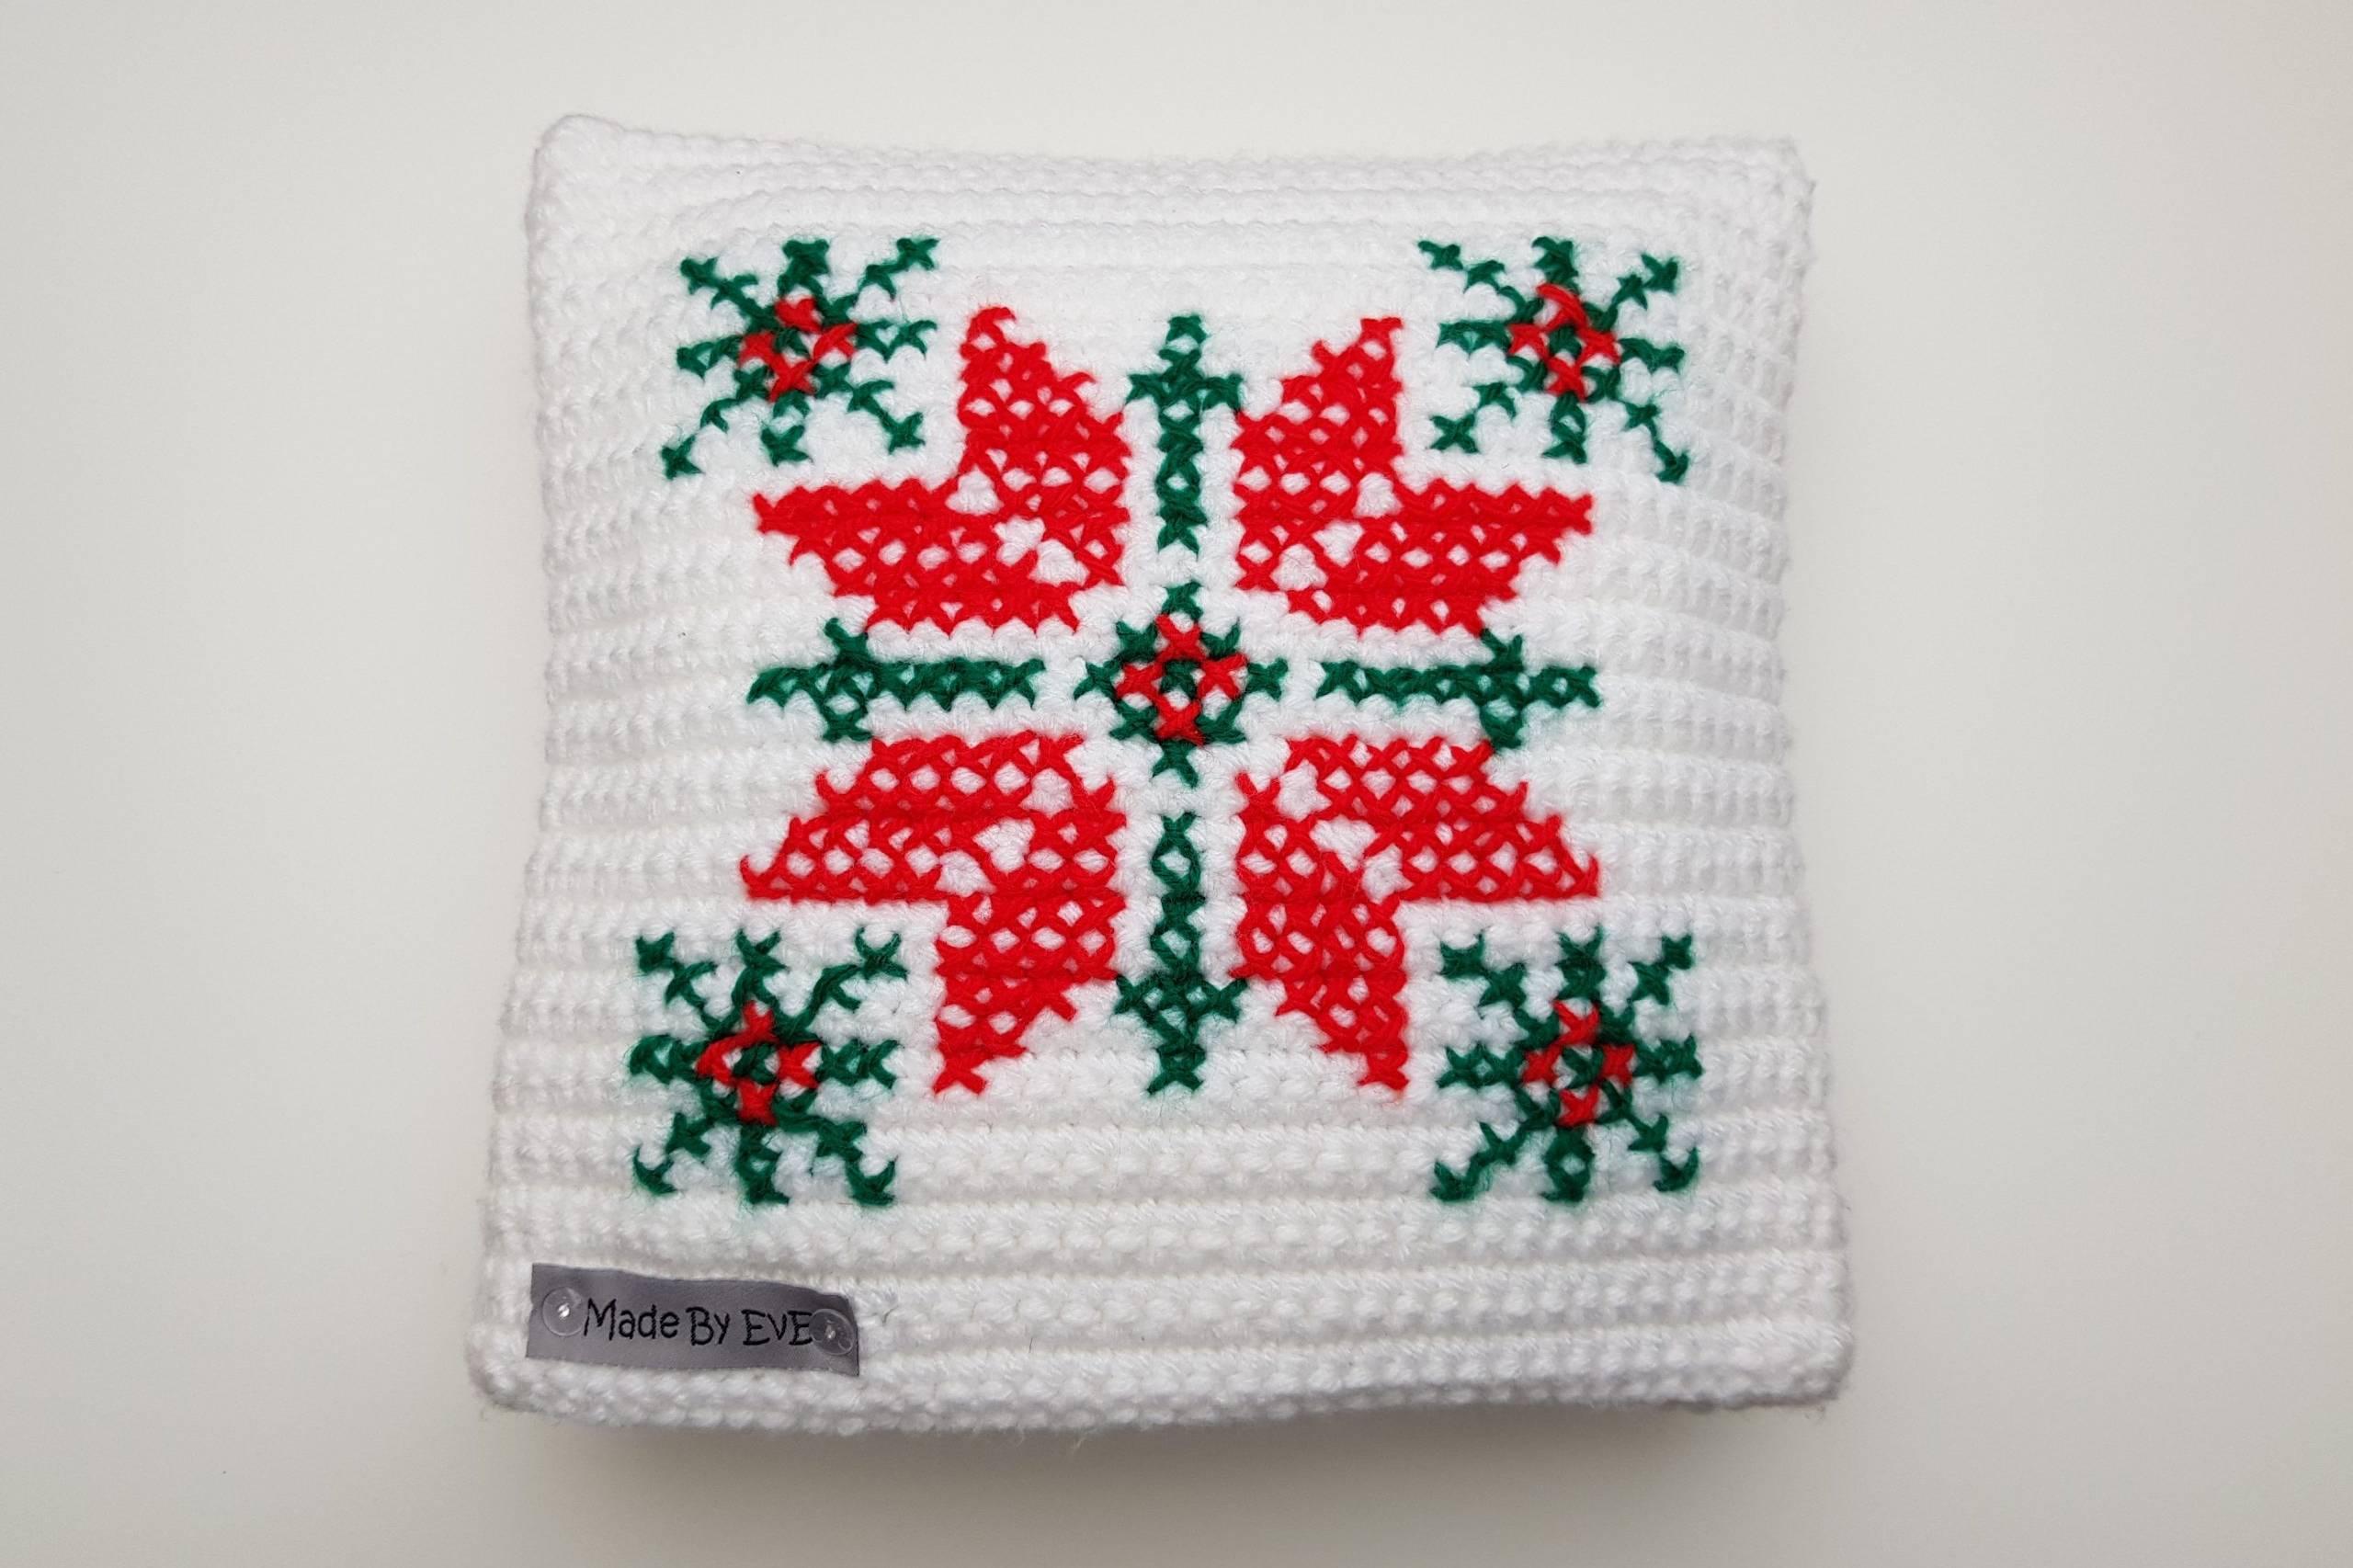 Kissenbezug-Weihnachten-XS-gehäkelt-weiß-rot-gras-grün-Stern-Hirsch-bestickt-MadeByEvE